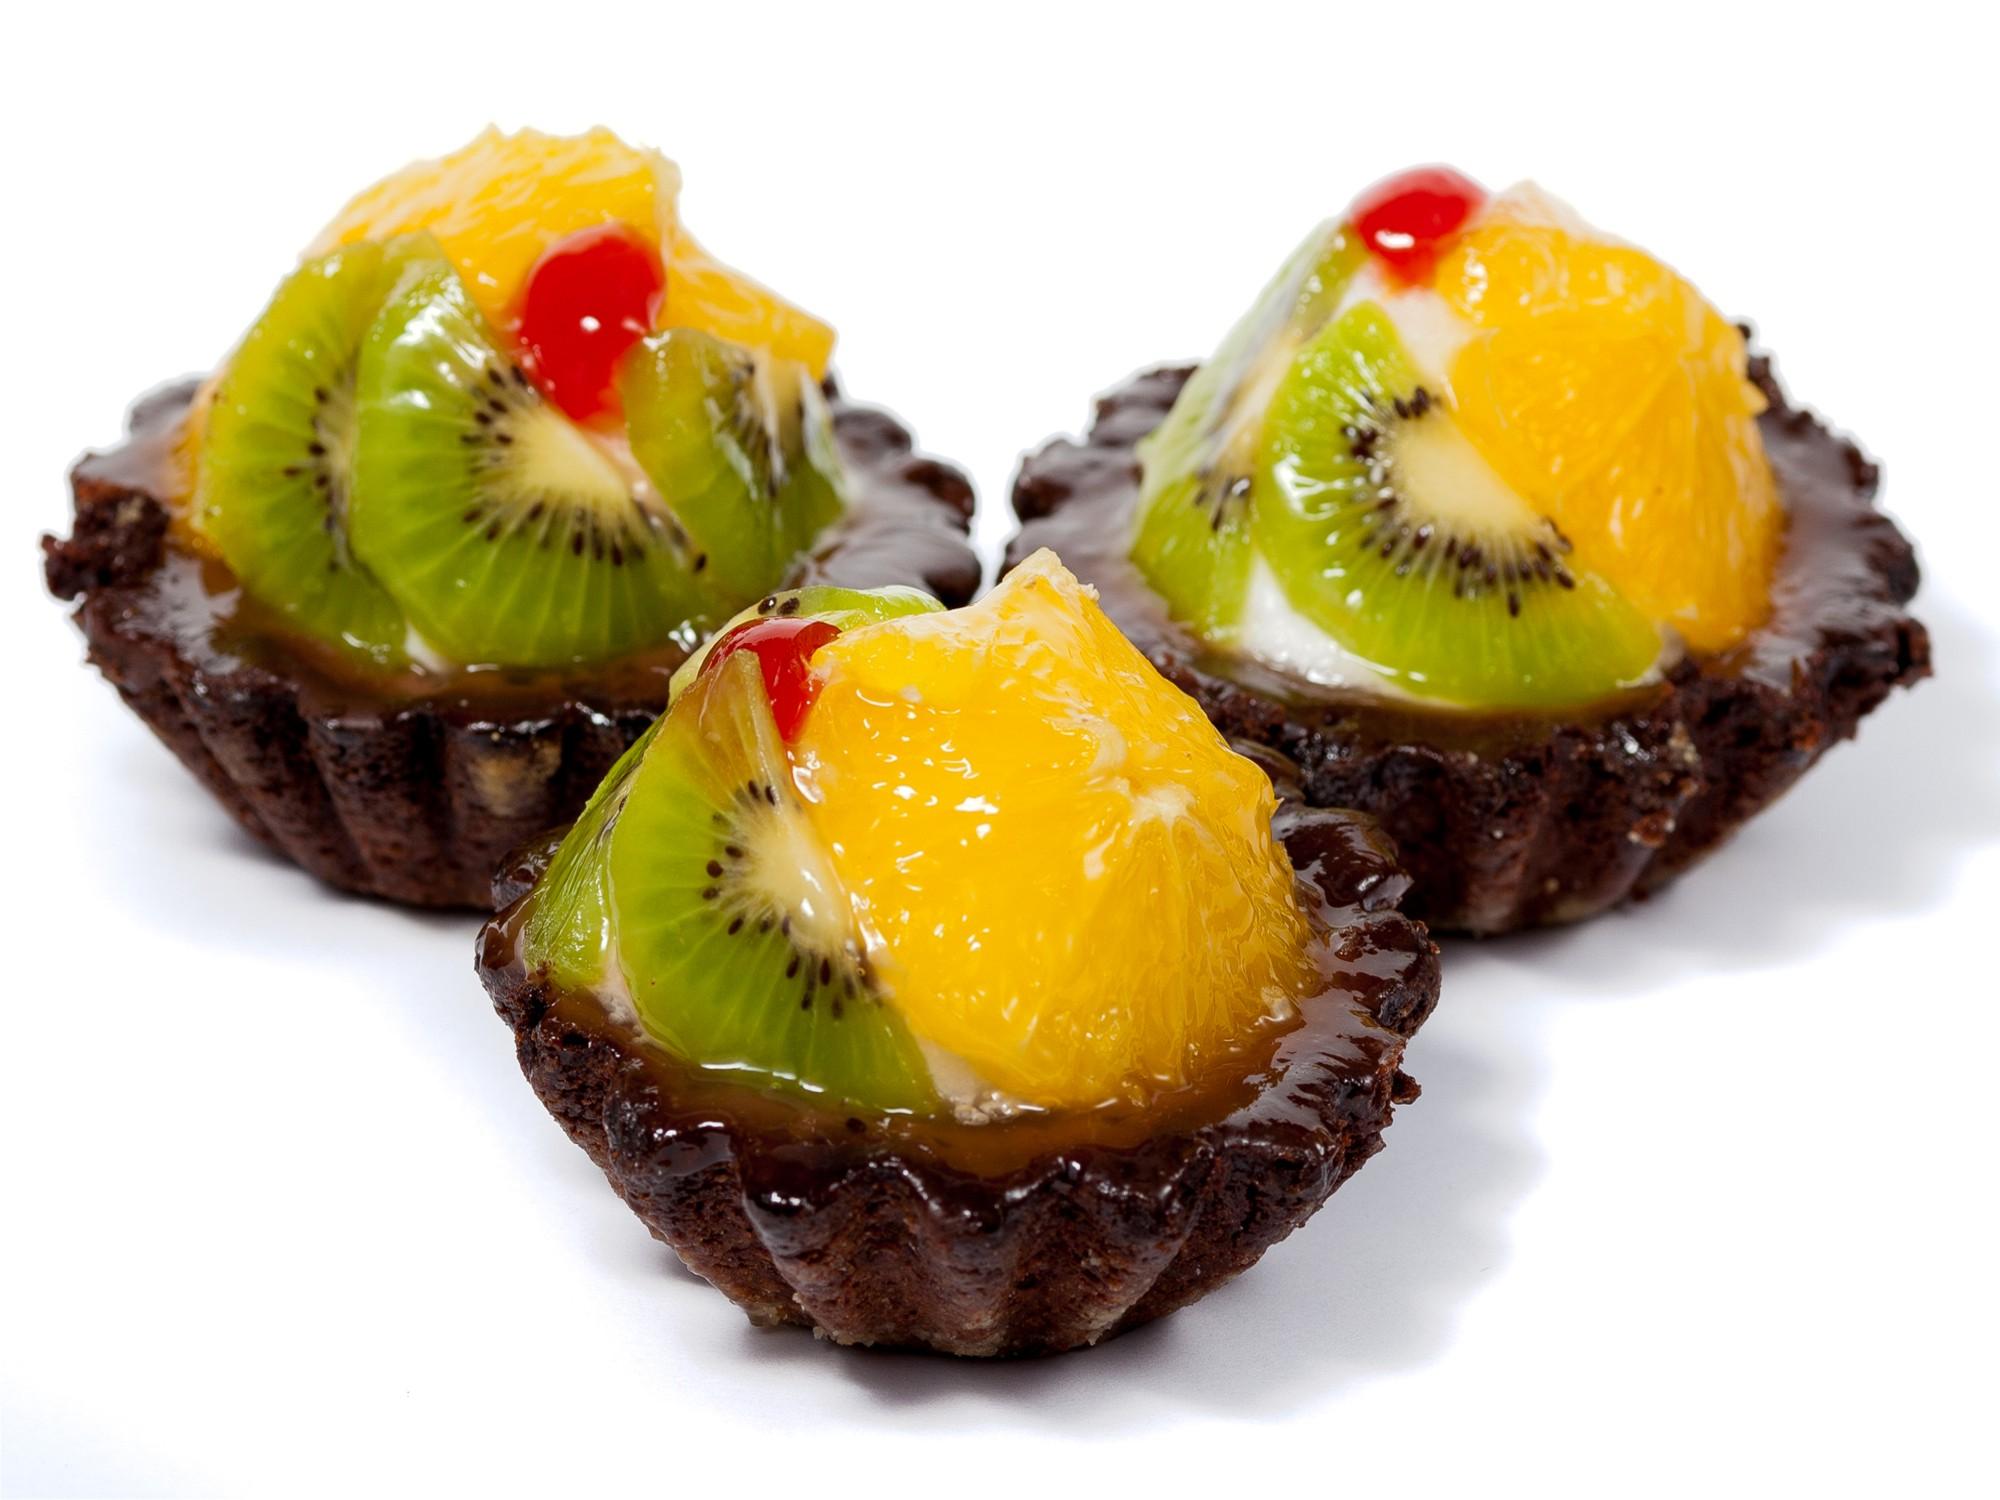 картинки пирожных с фруктами нему стремятся